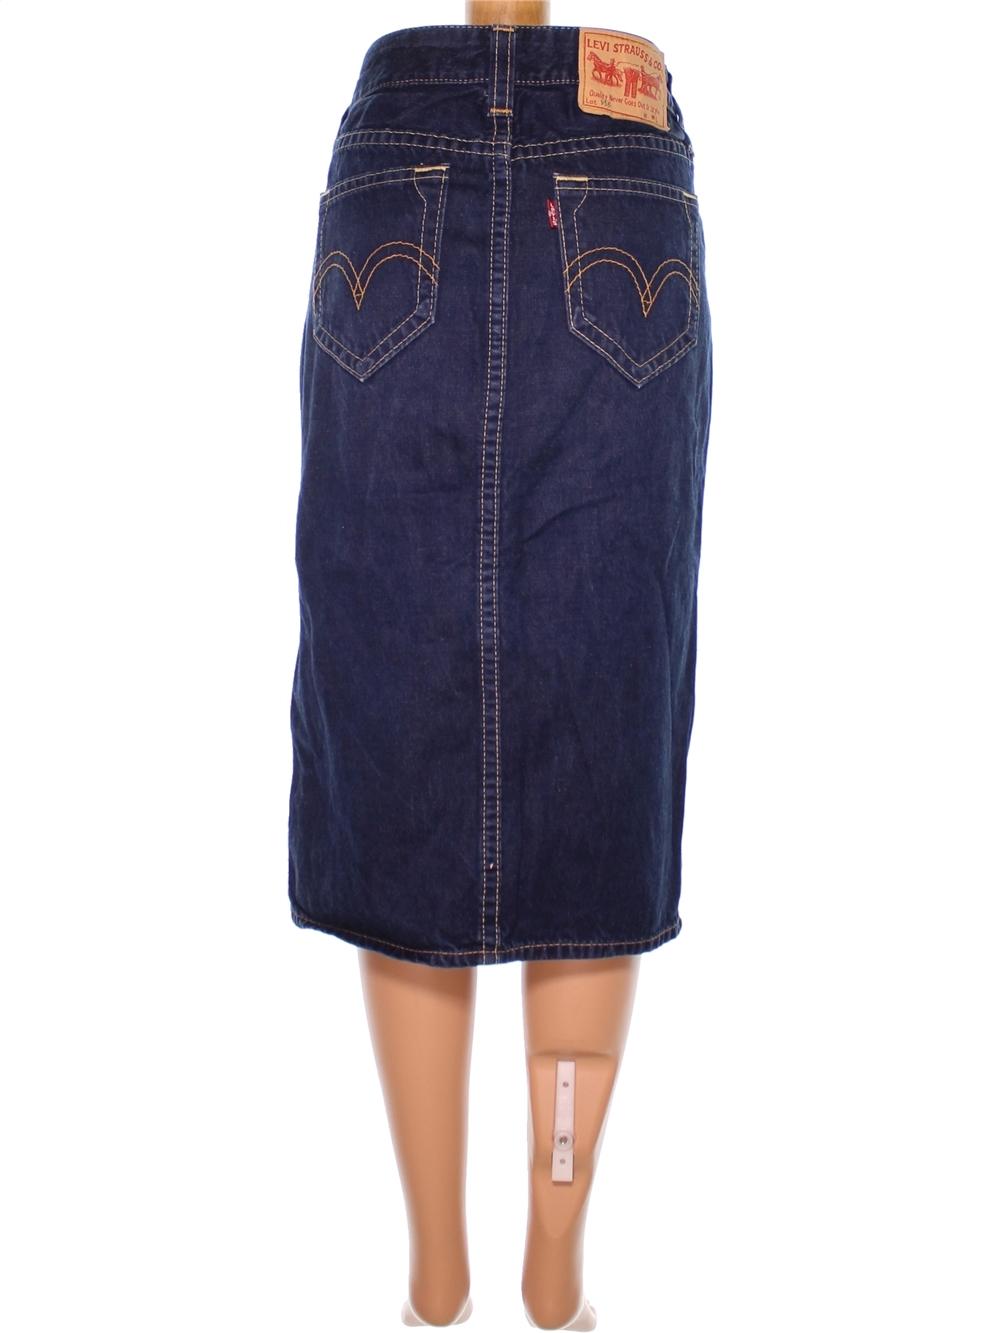 magasin en ligne a8c21 c8799 Jupe Femme LEVI'S 36 (S - T1) pas cher, 4.99 € - #1125021